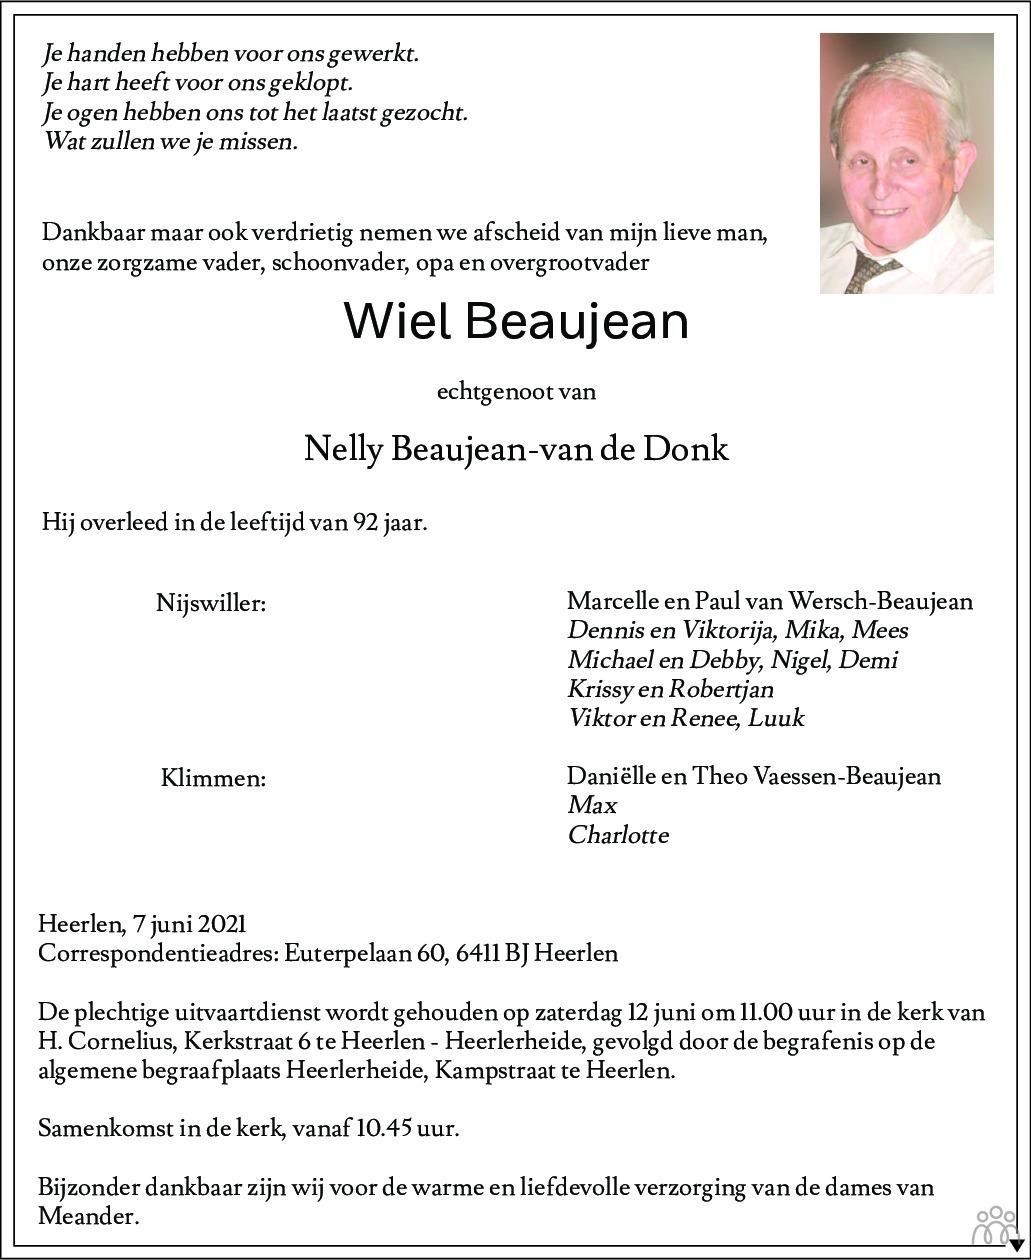 Overlijdensbericht van Wiel Beaujean in De Limburger